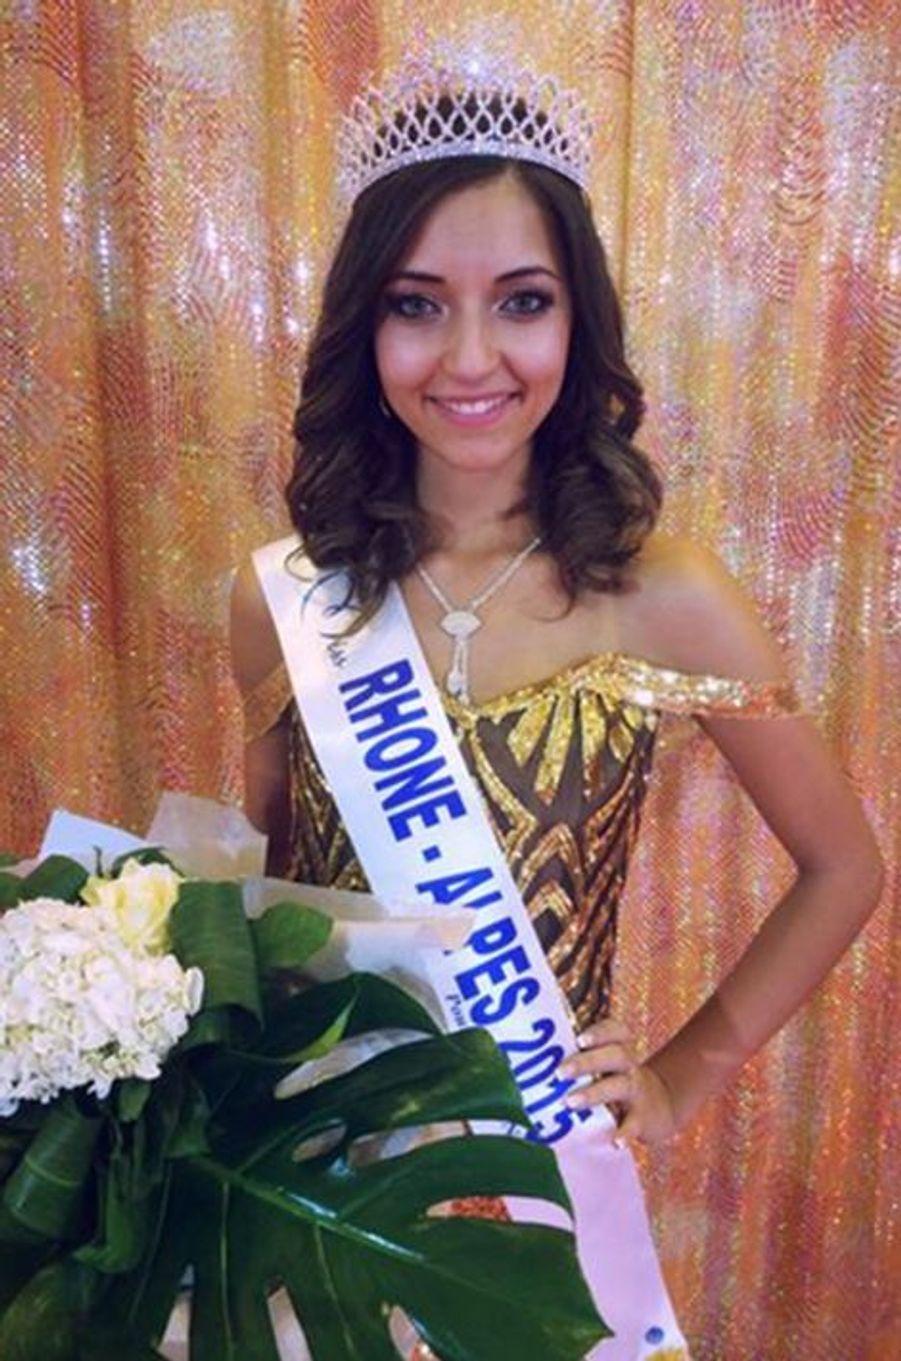 Miss Rhône-Alpes - Nora Bengrine (20 ans - 1,73 m) - Étudiante en langues étrangères